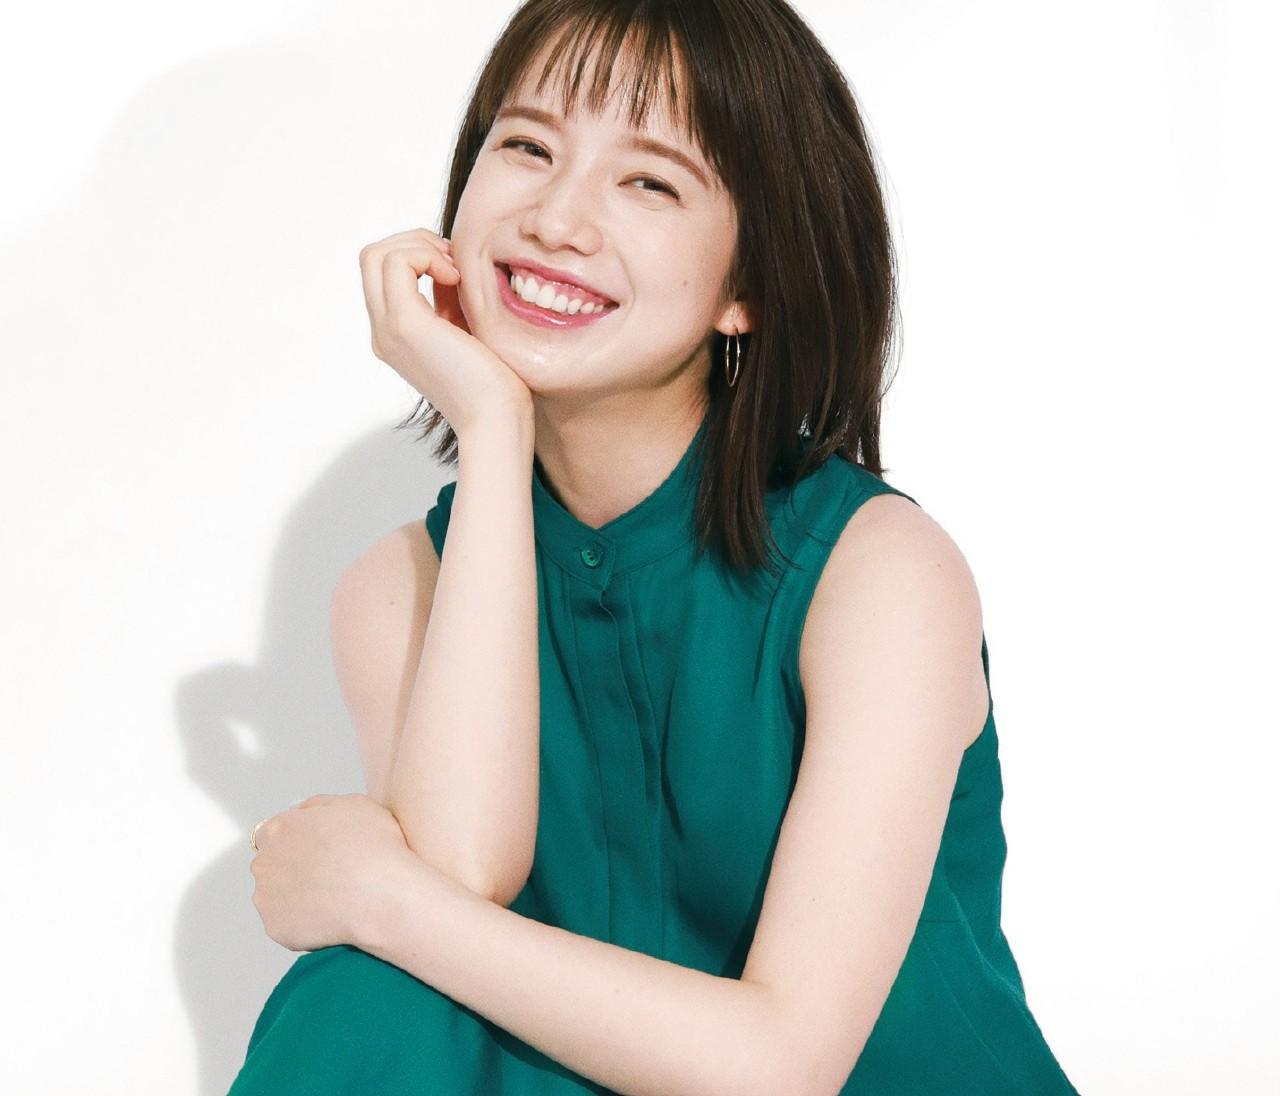 【弘中綾香さんインタビュー】「自分の幸せ」にフォーカスする革命を起こしたい